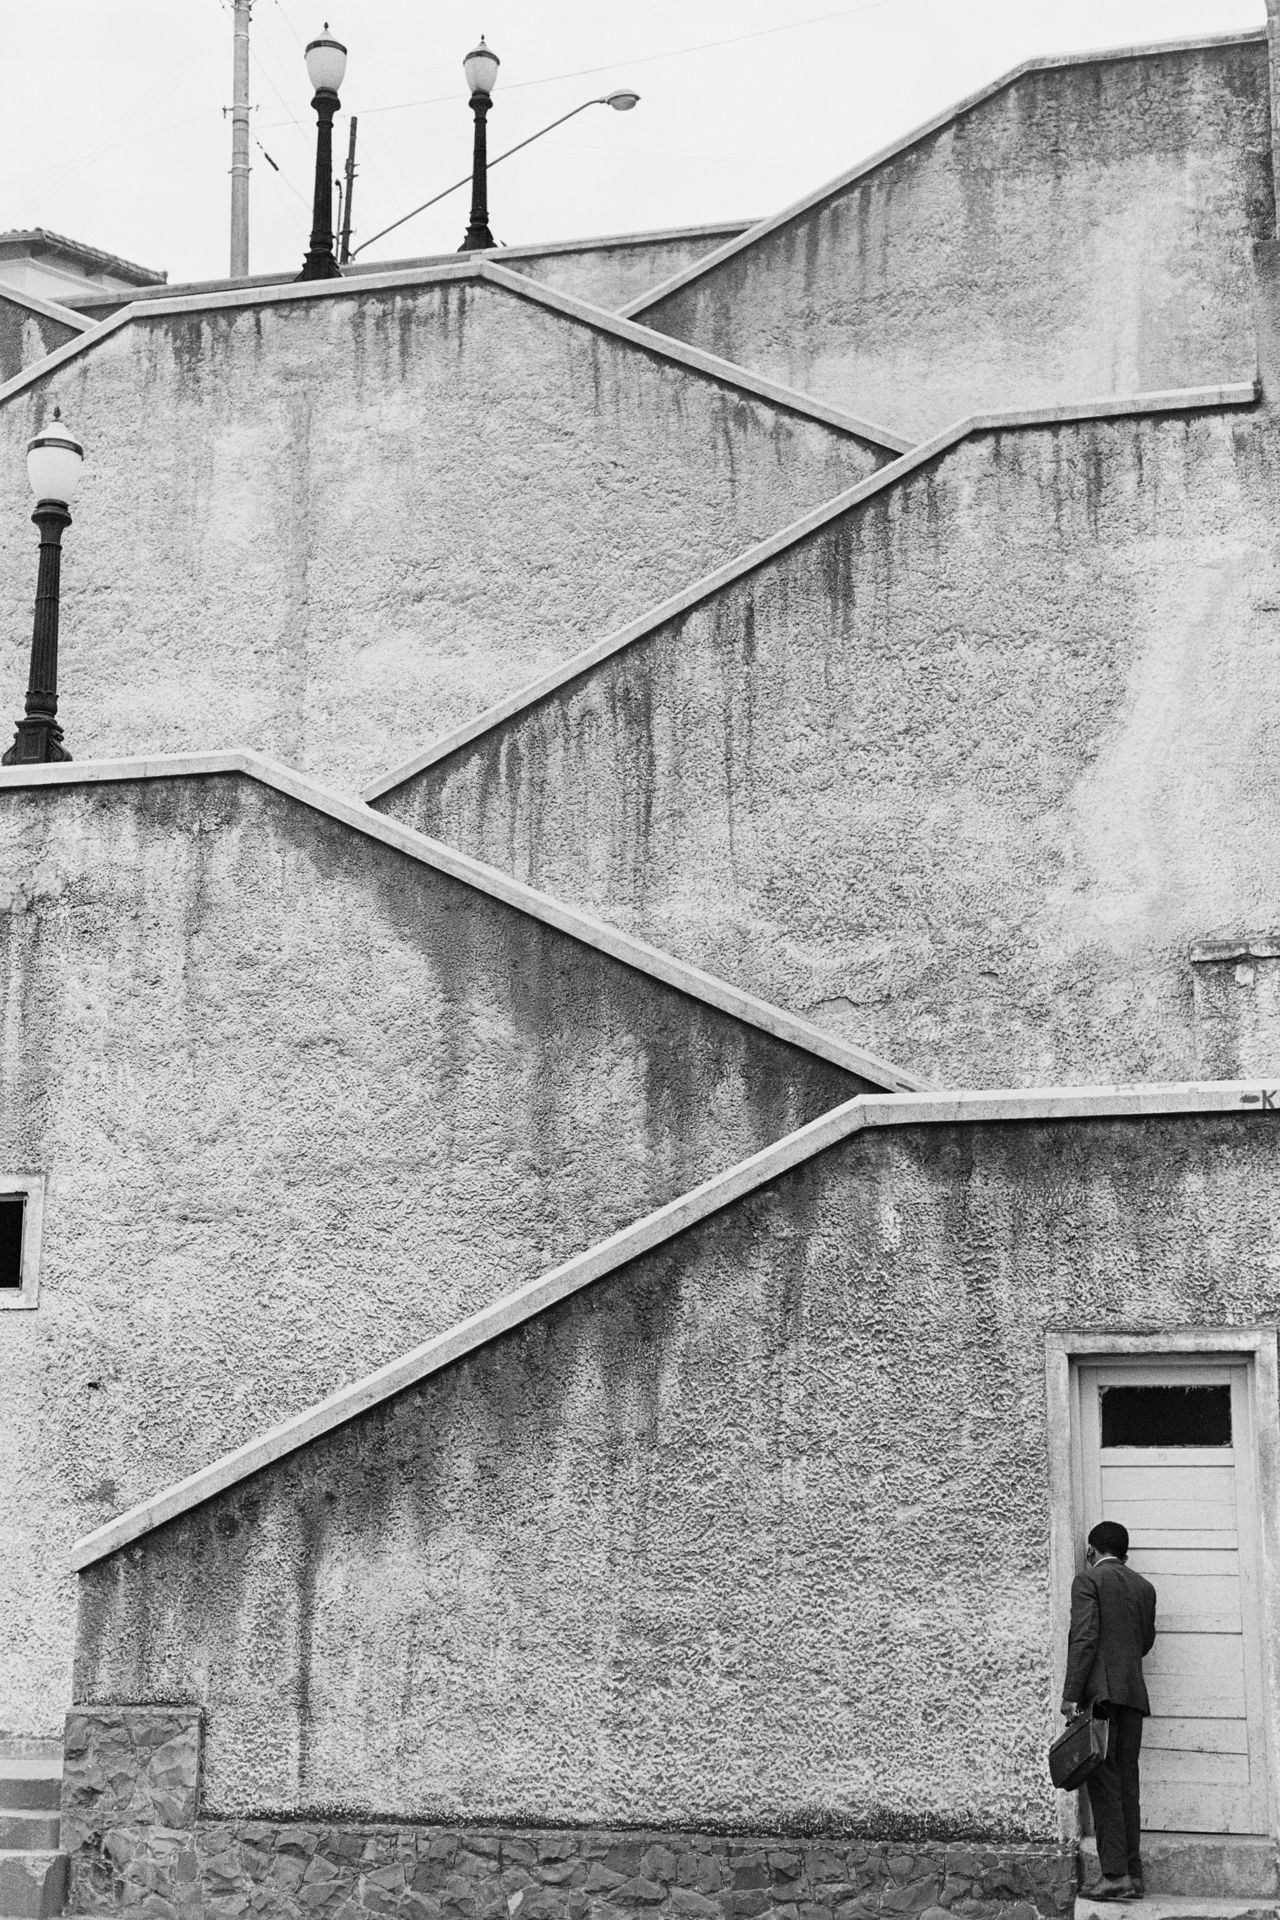 luzfosca:  Carlos Moreira  Escadaria da Rua Cardeal Arcoverde, São Paulo, Brasil, 1972